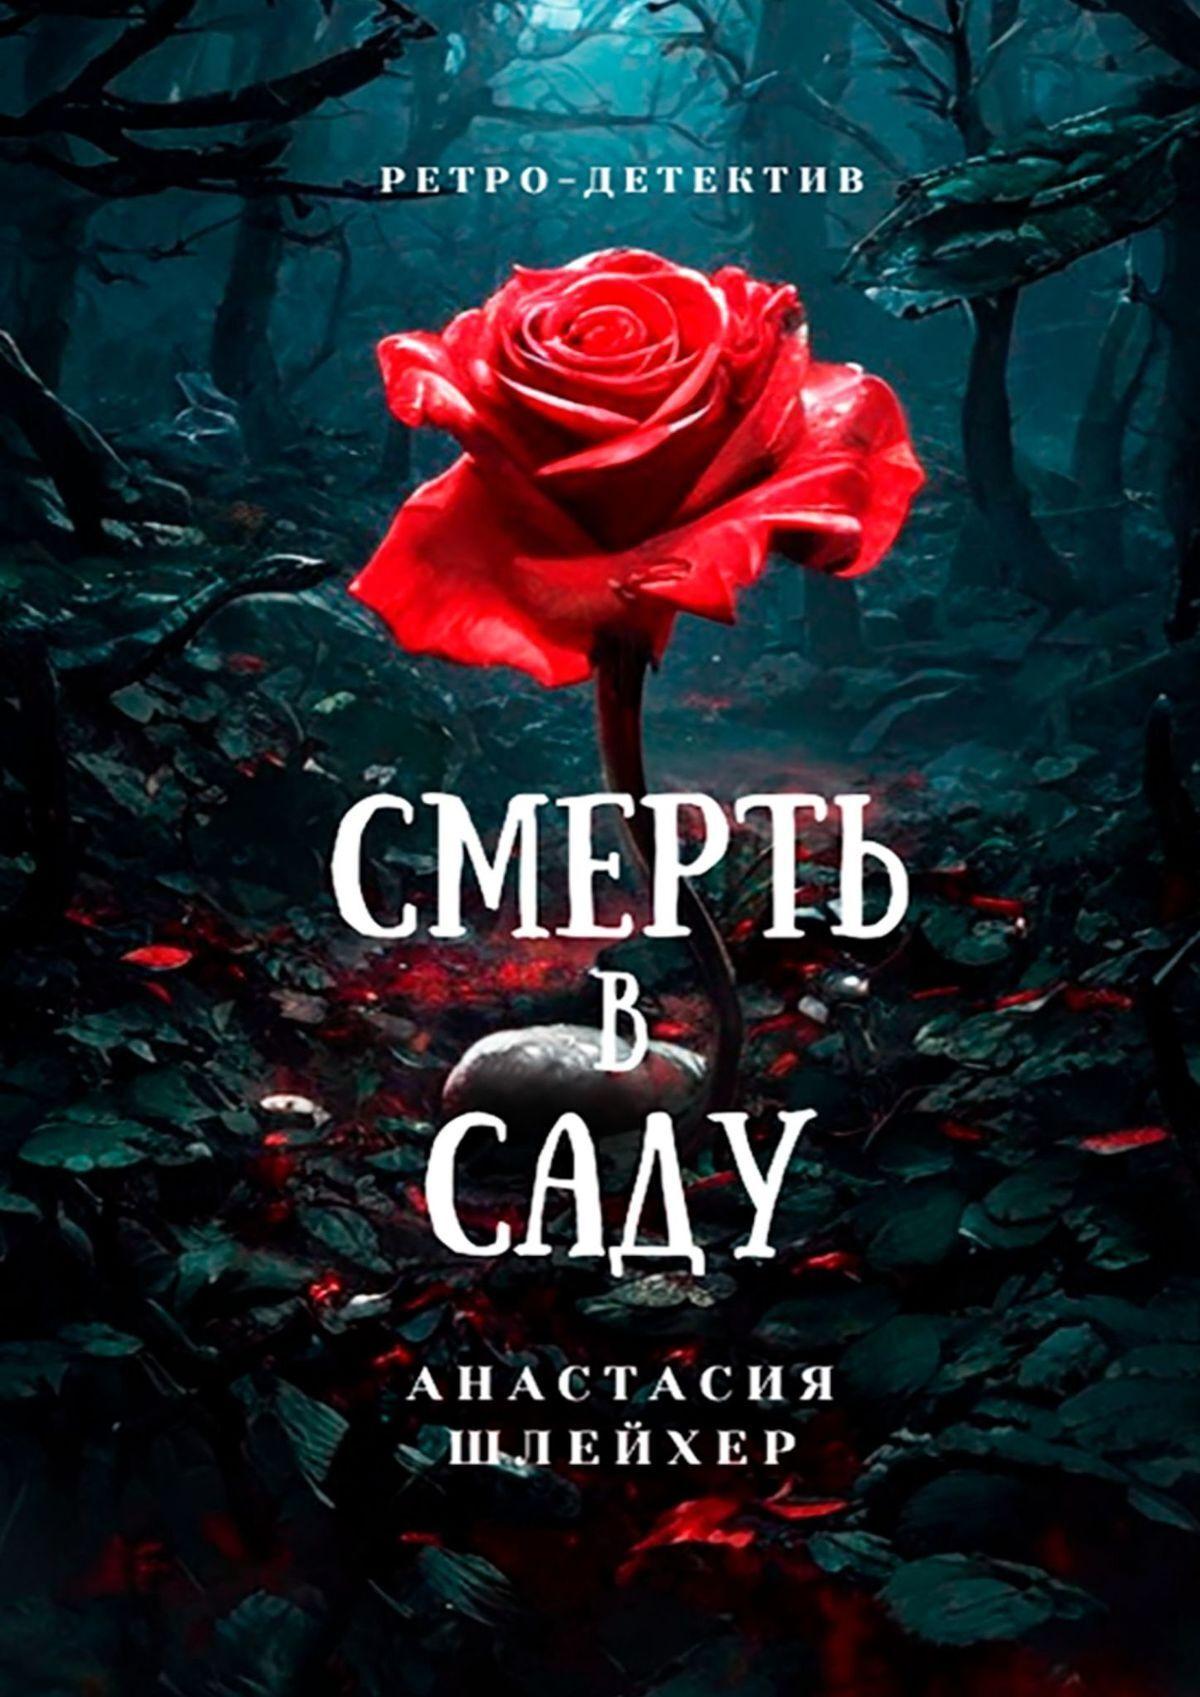 Купить книгу Смерть всаду, автора Анастасии Шлейхер